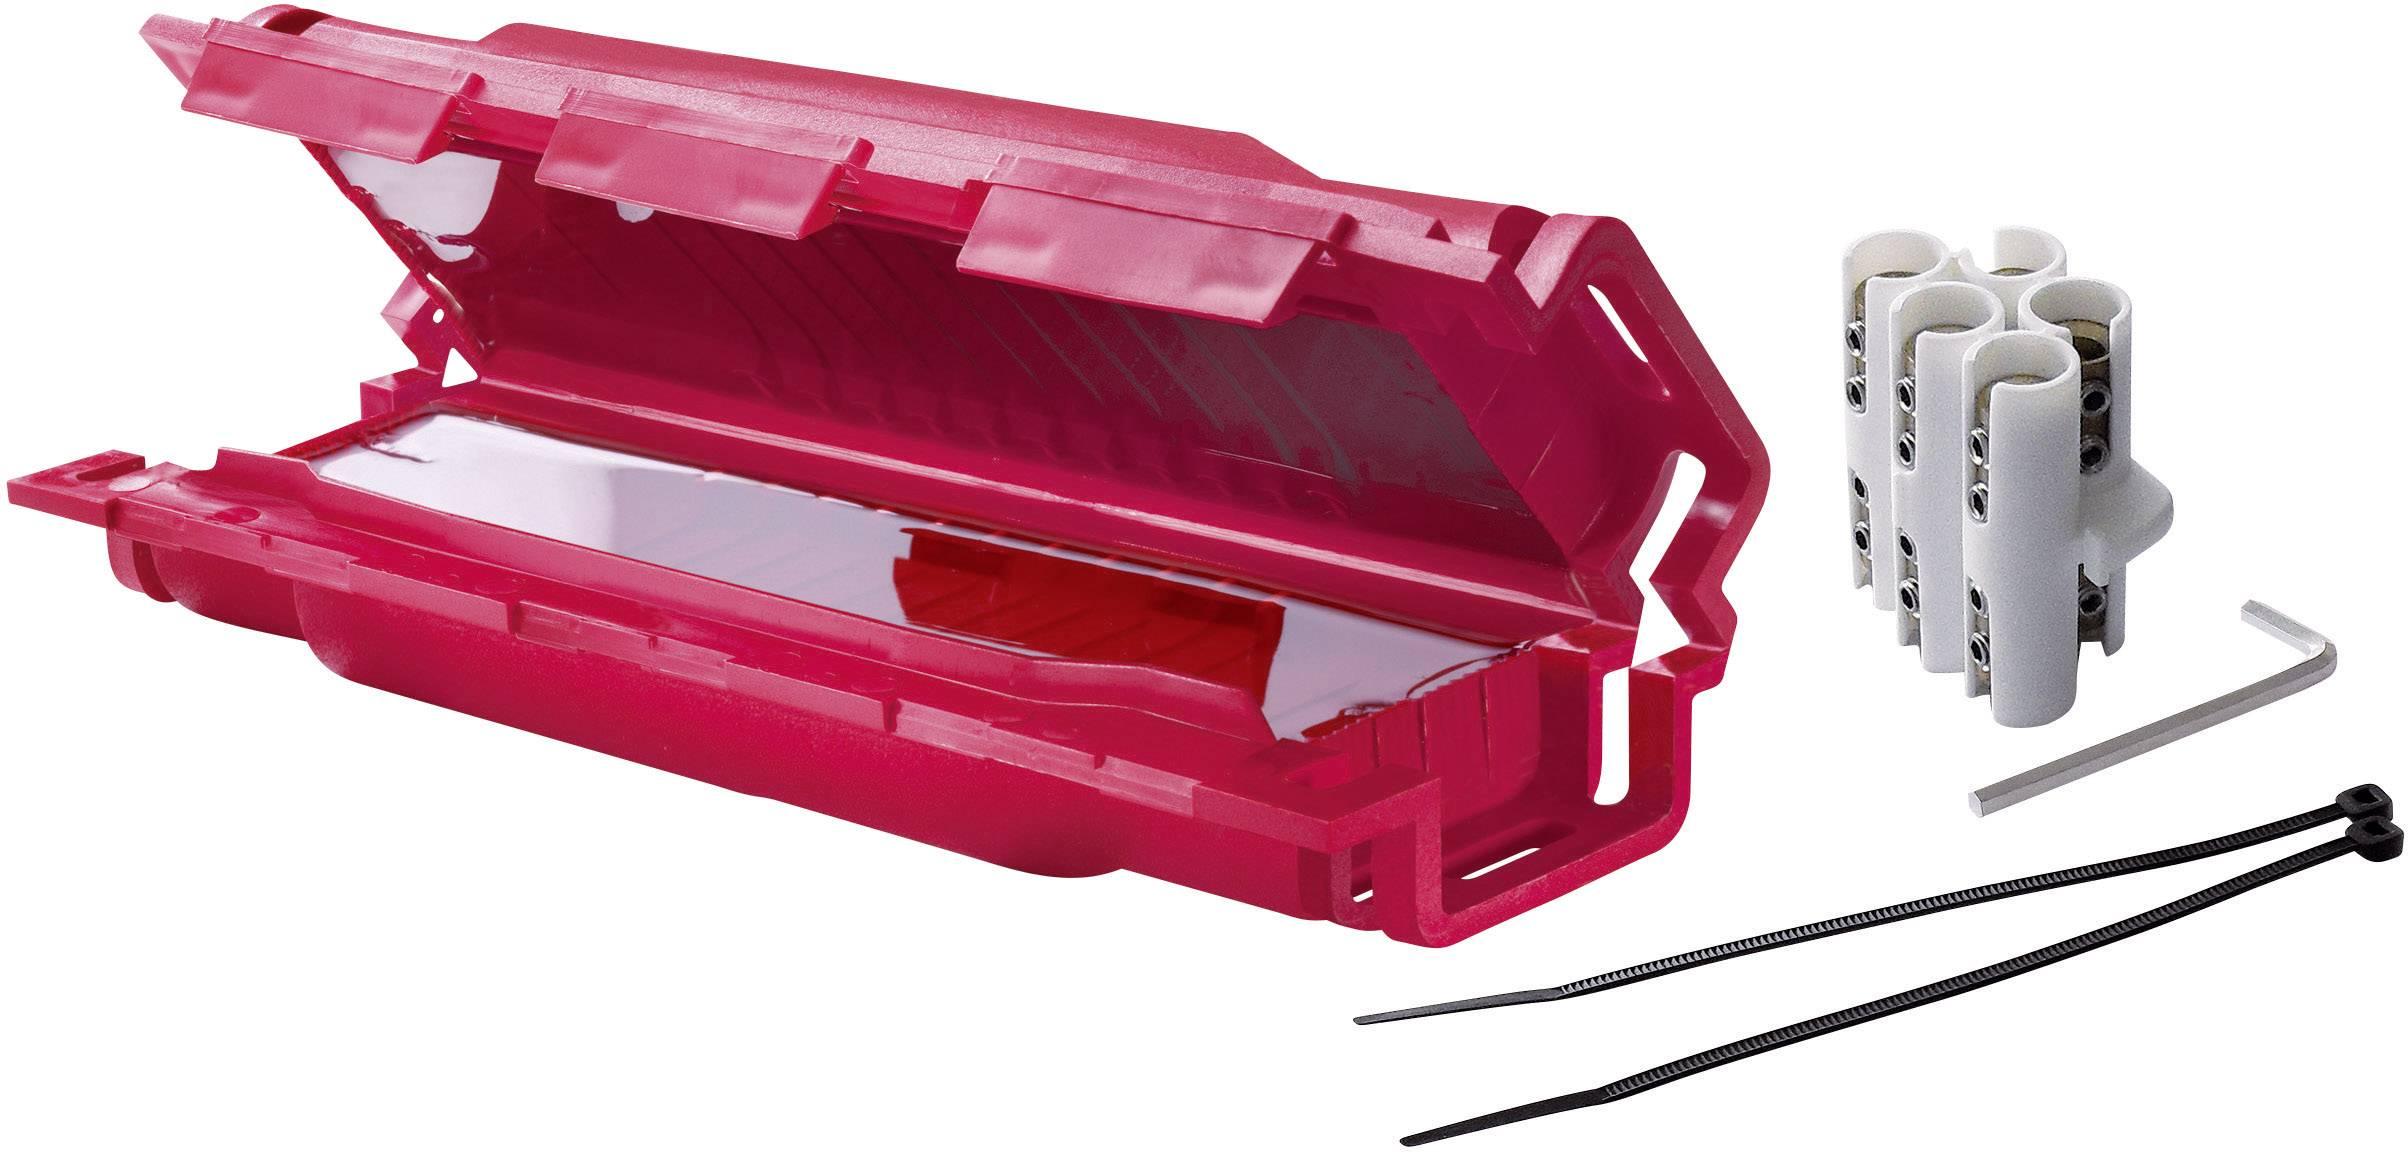 Kabelová propojka CellPack EASY 5 V (309447), 1 sada